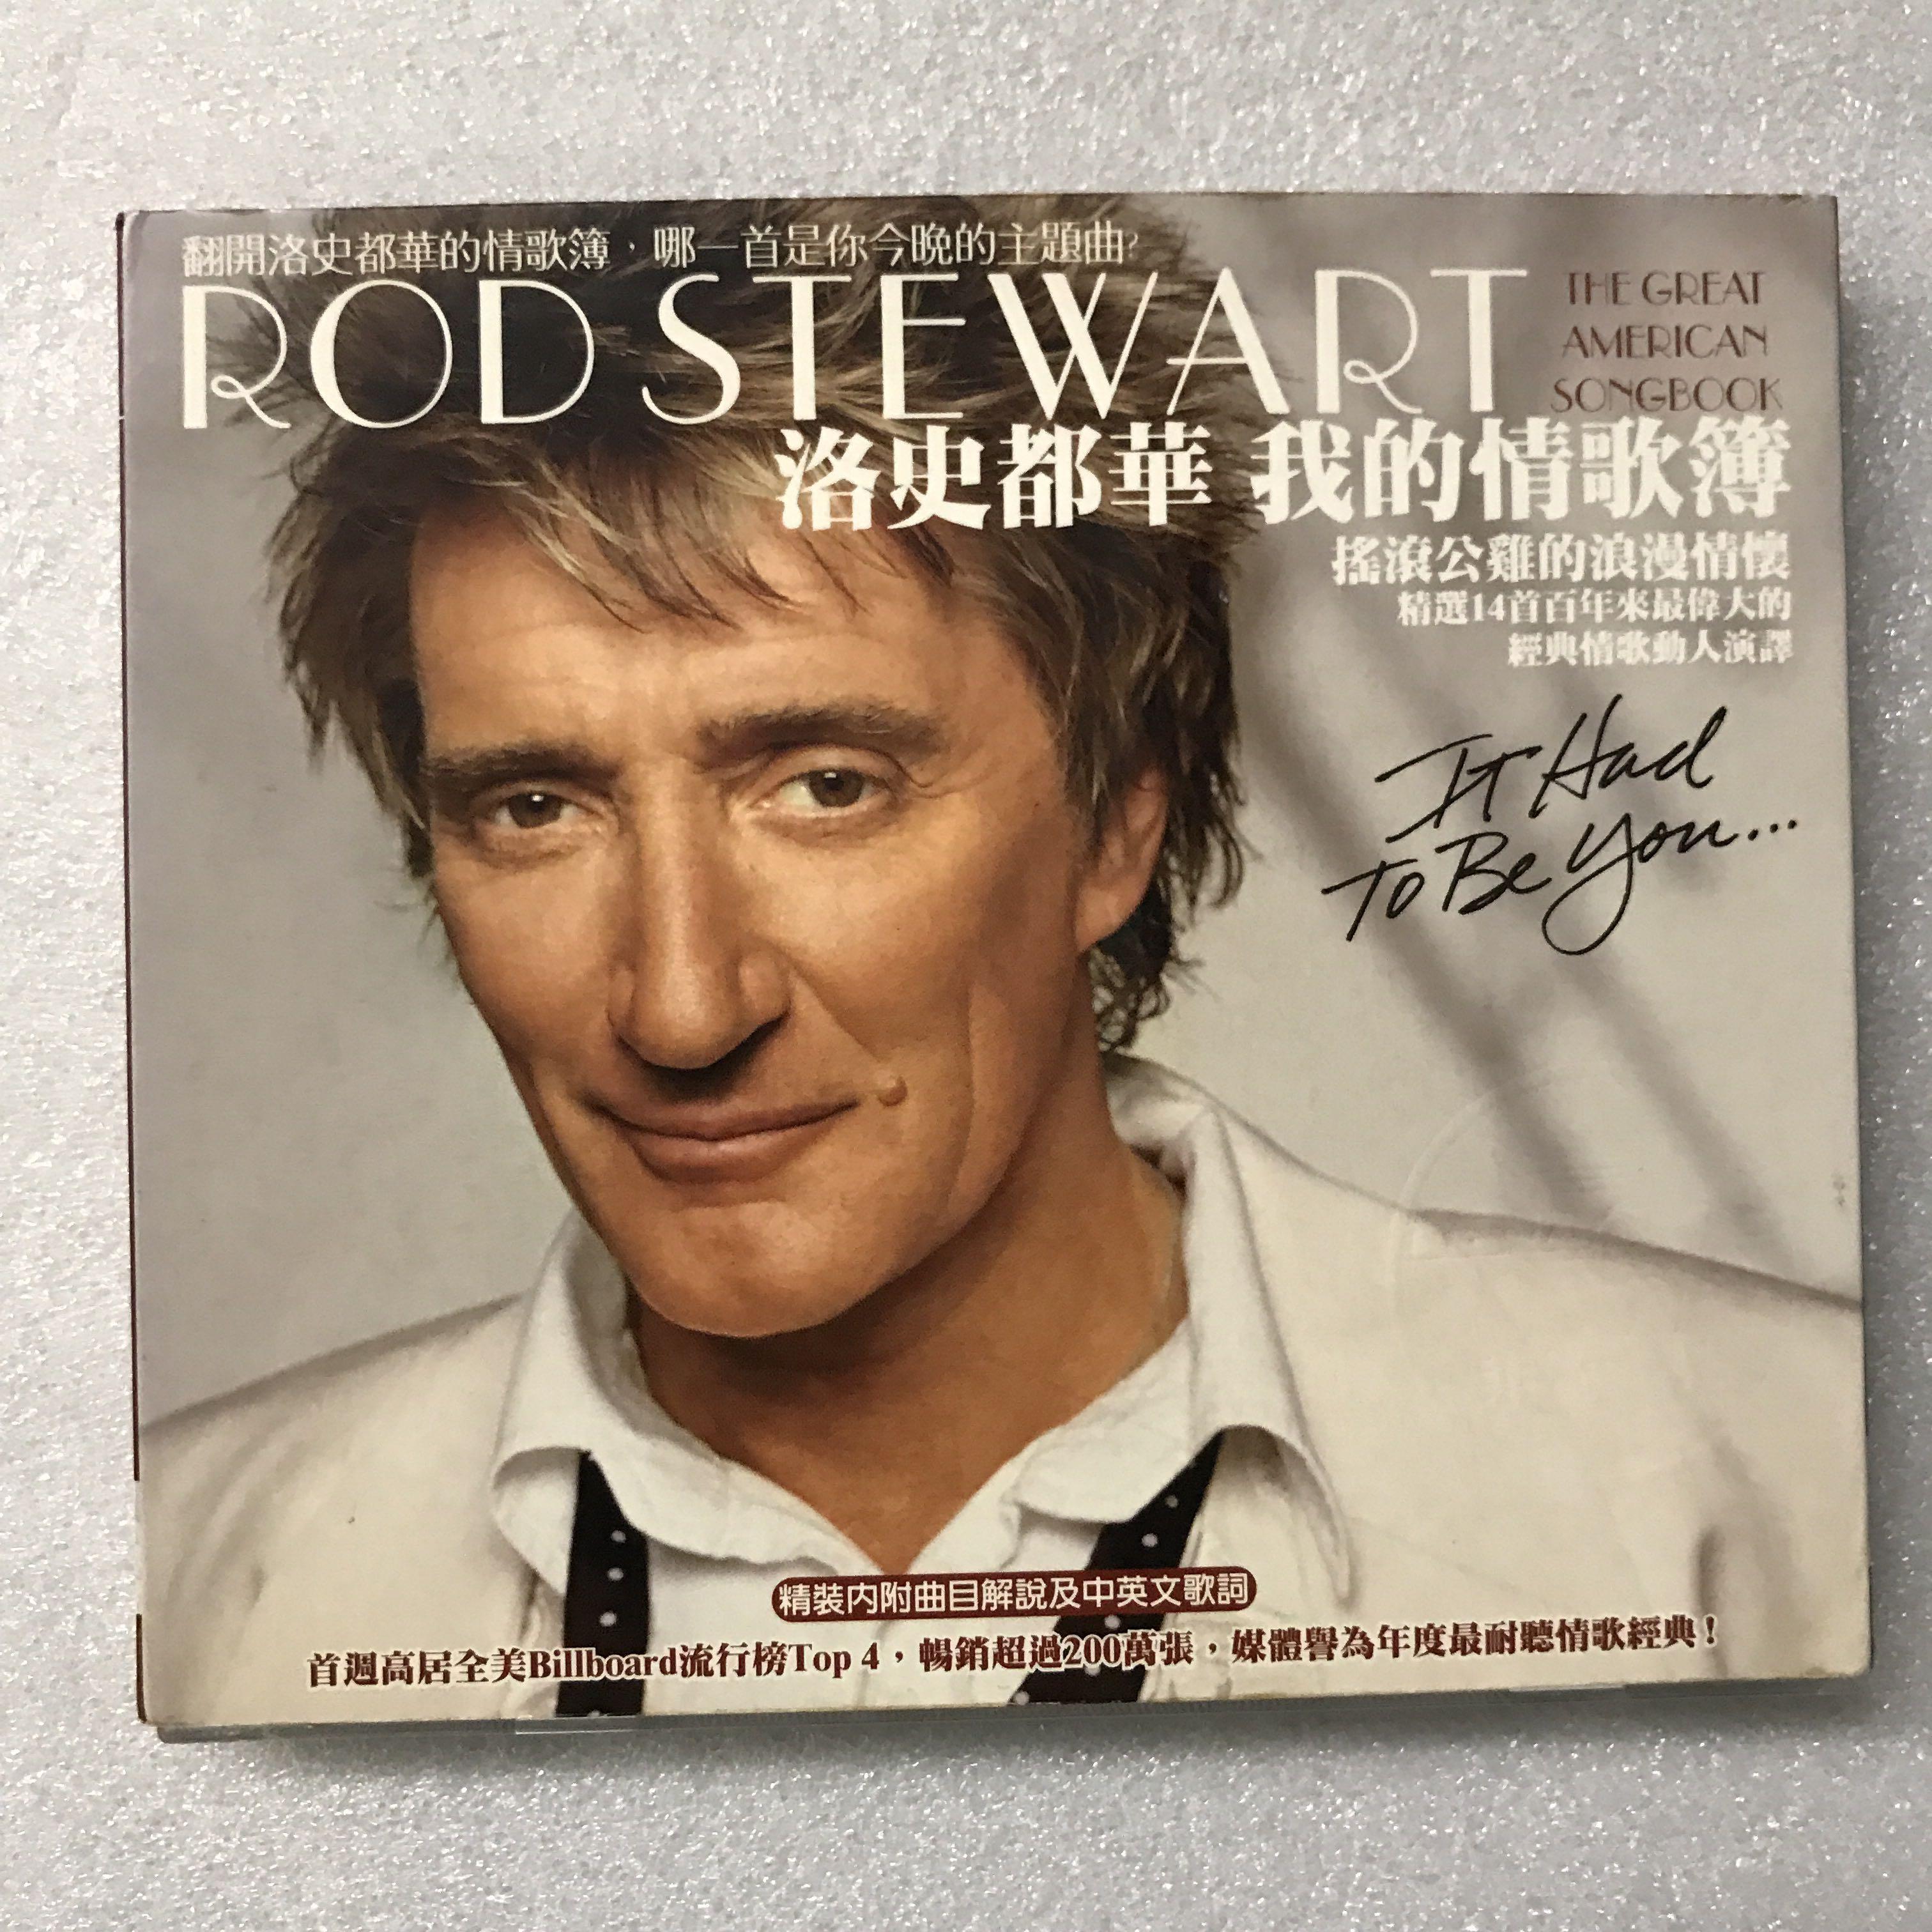 Rod Stewart / The Great Amercian Songbook 洛史都華 / 我的情歌簿 (2002)